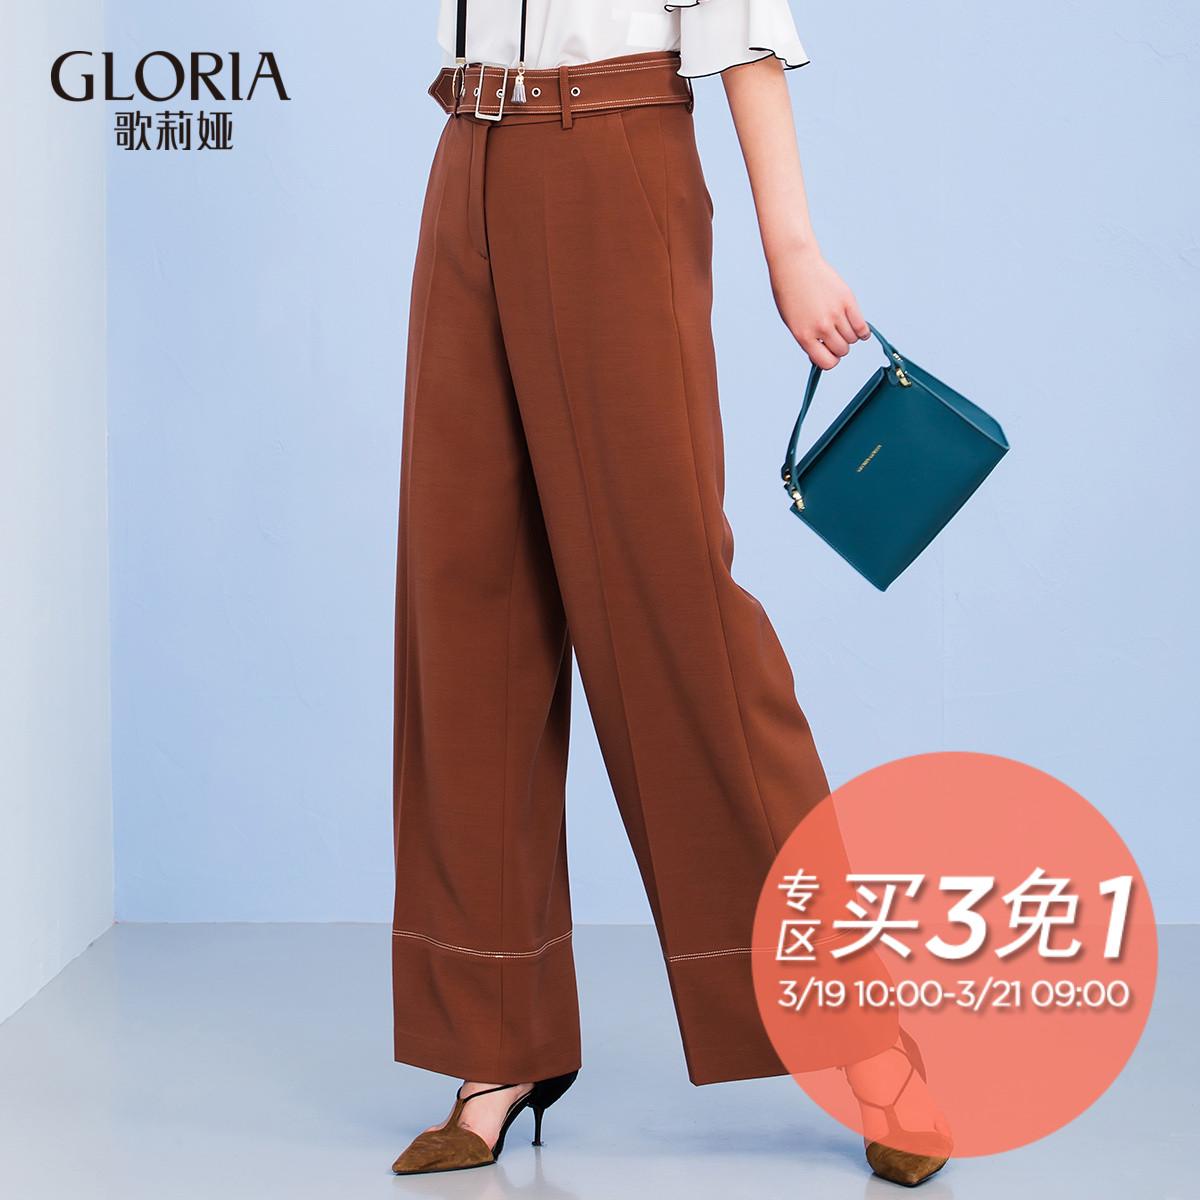 歌莉娅女装 GLORIA歌莉娅女装侧衩喇叭裤弹力针织休闲裤178R1D050_推荐淘宝好看的歌莉娅